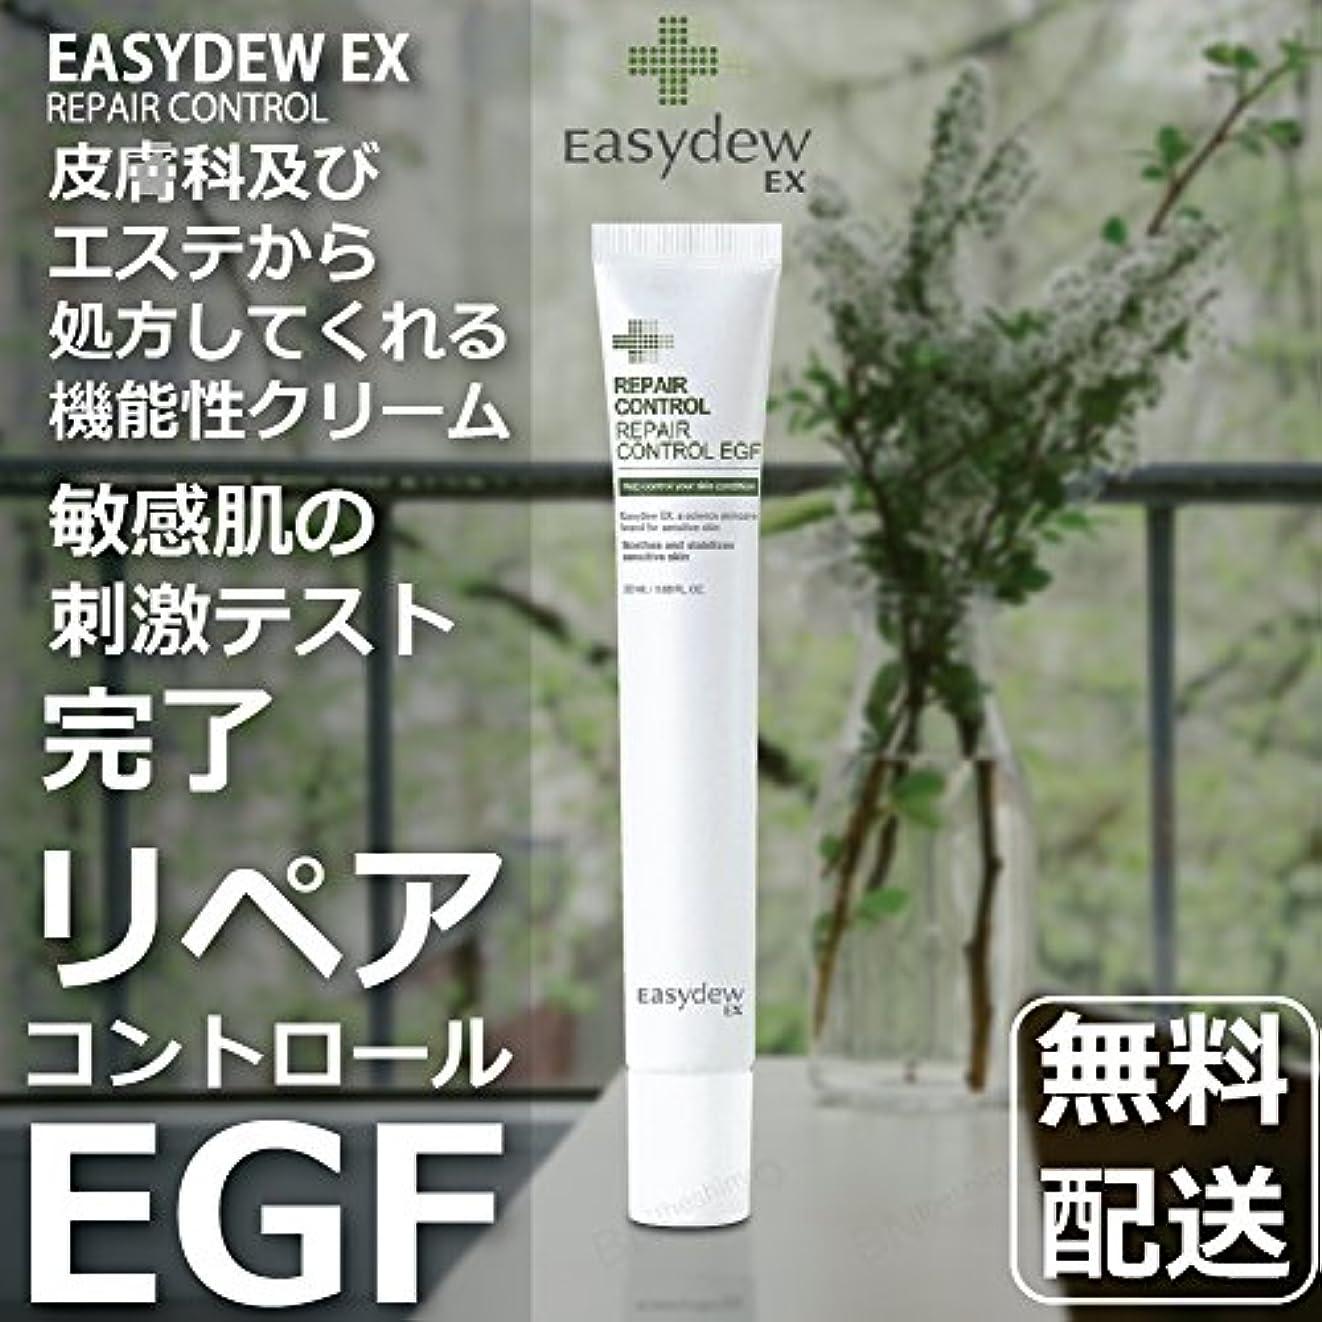 雨プロフィールジャンクションデウン製薬 リペア コントロール EGF 20ml. Repair Control EGF 20ml.